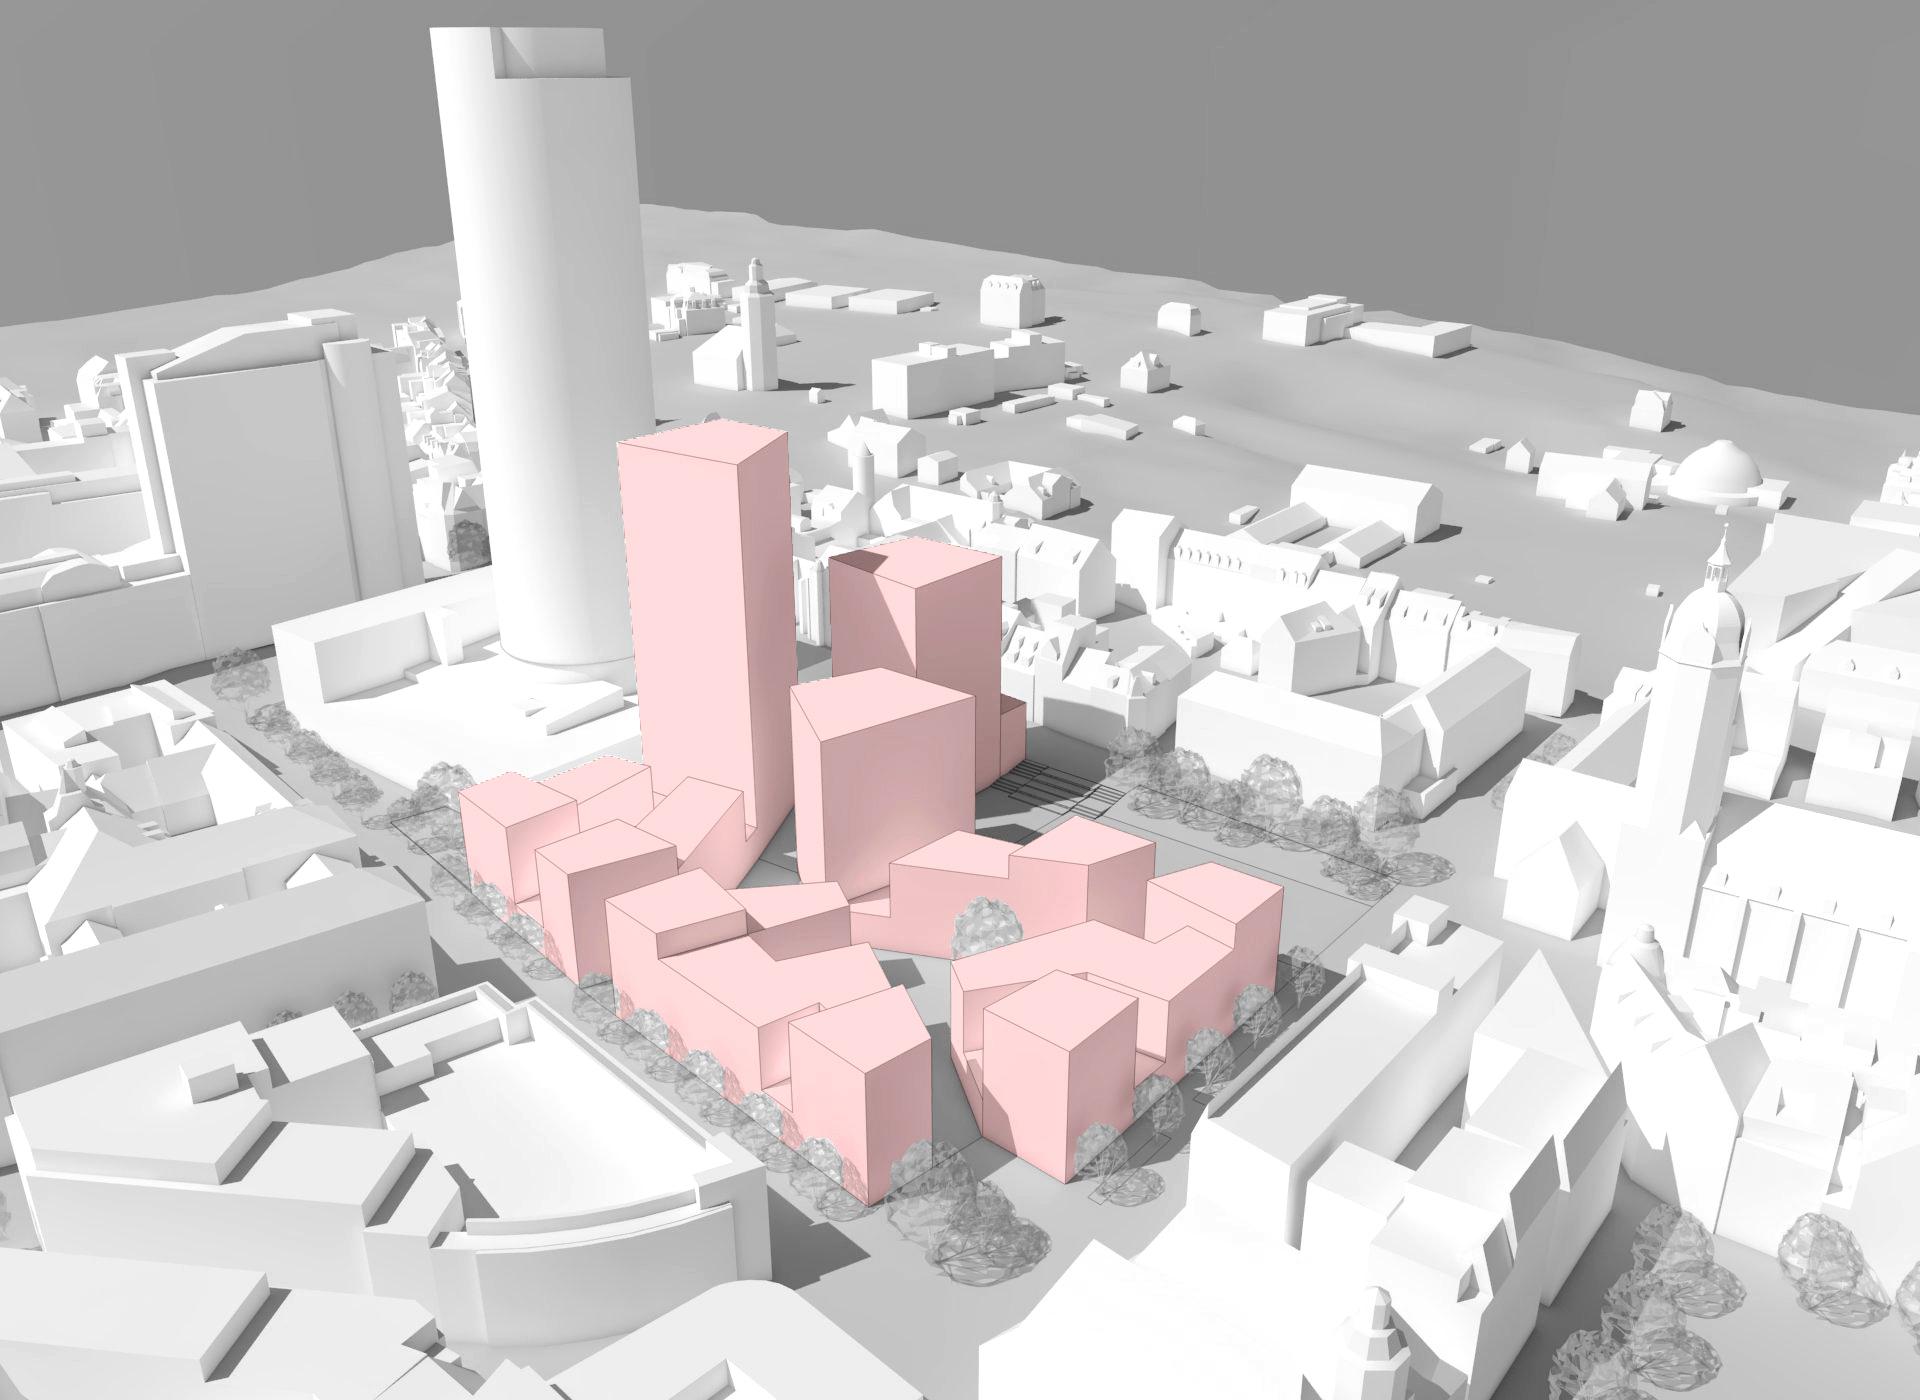 Modell des Eichplatzareals mit drei Hochhäusern